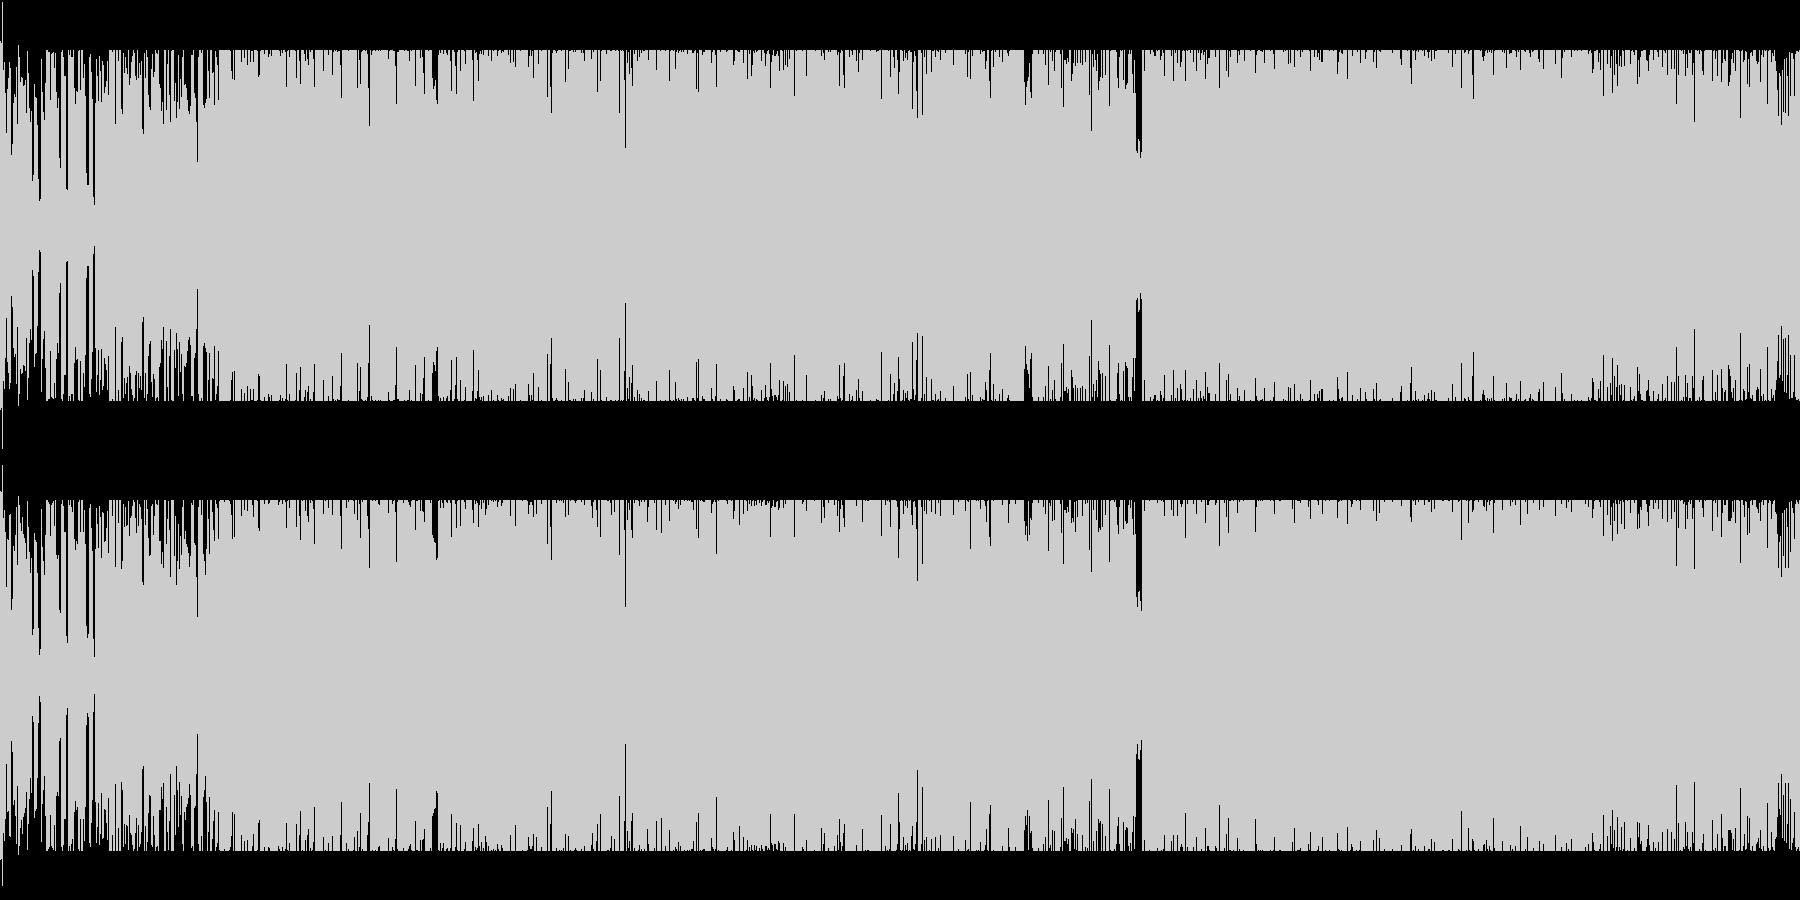 和風/モダン/三味線/箏/和楽器/EDMの未再生の波形